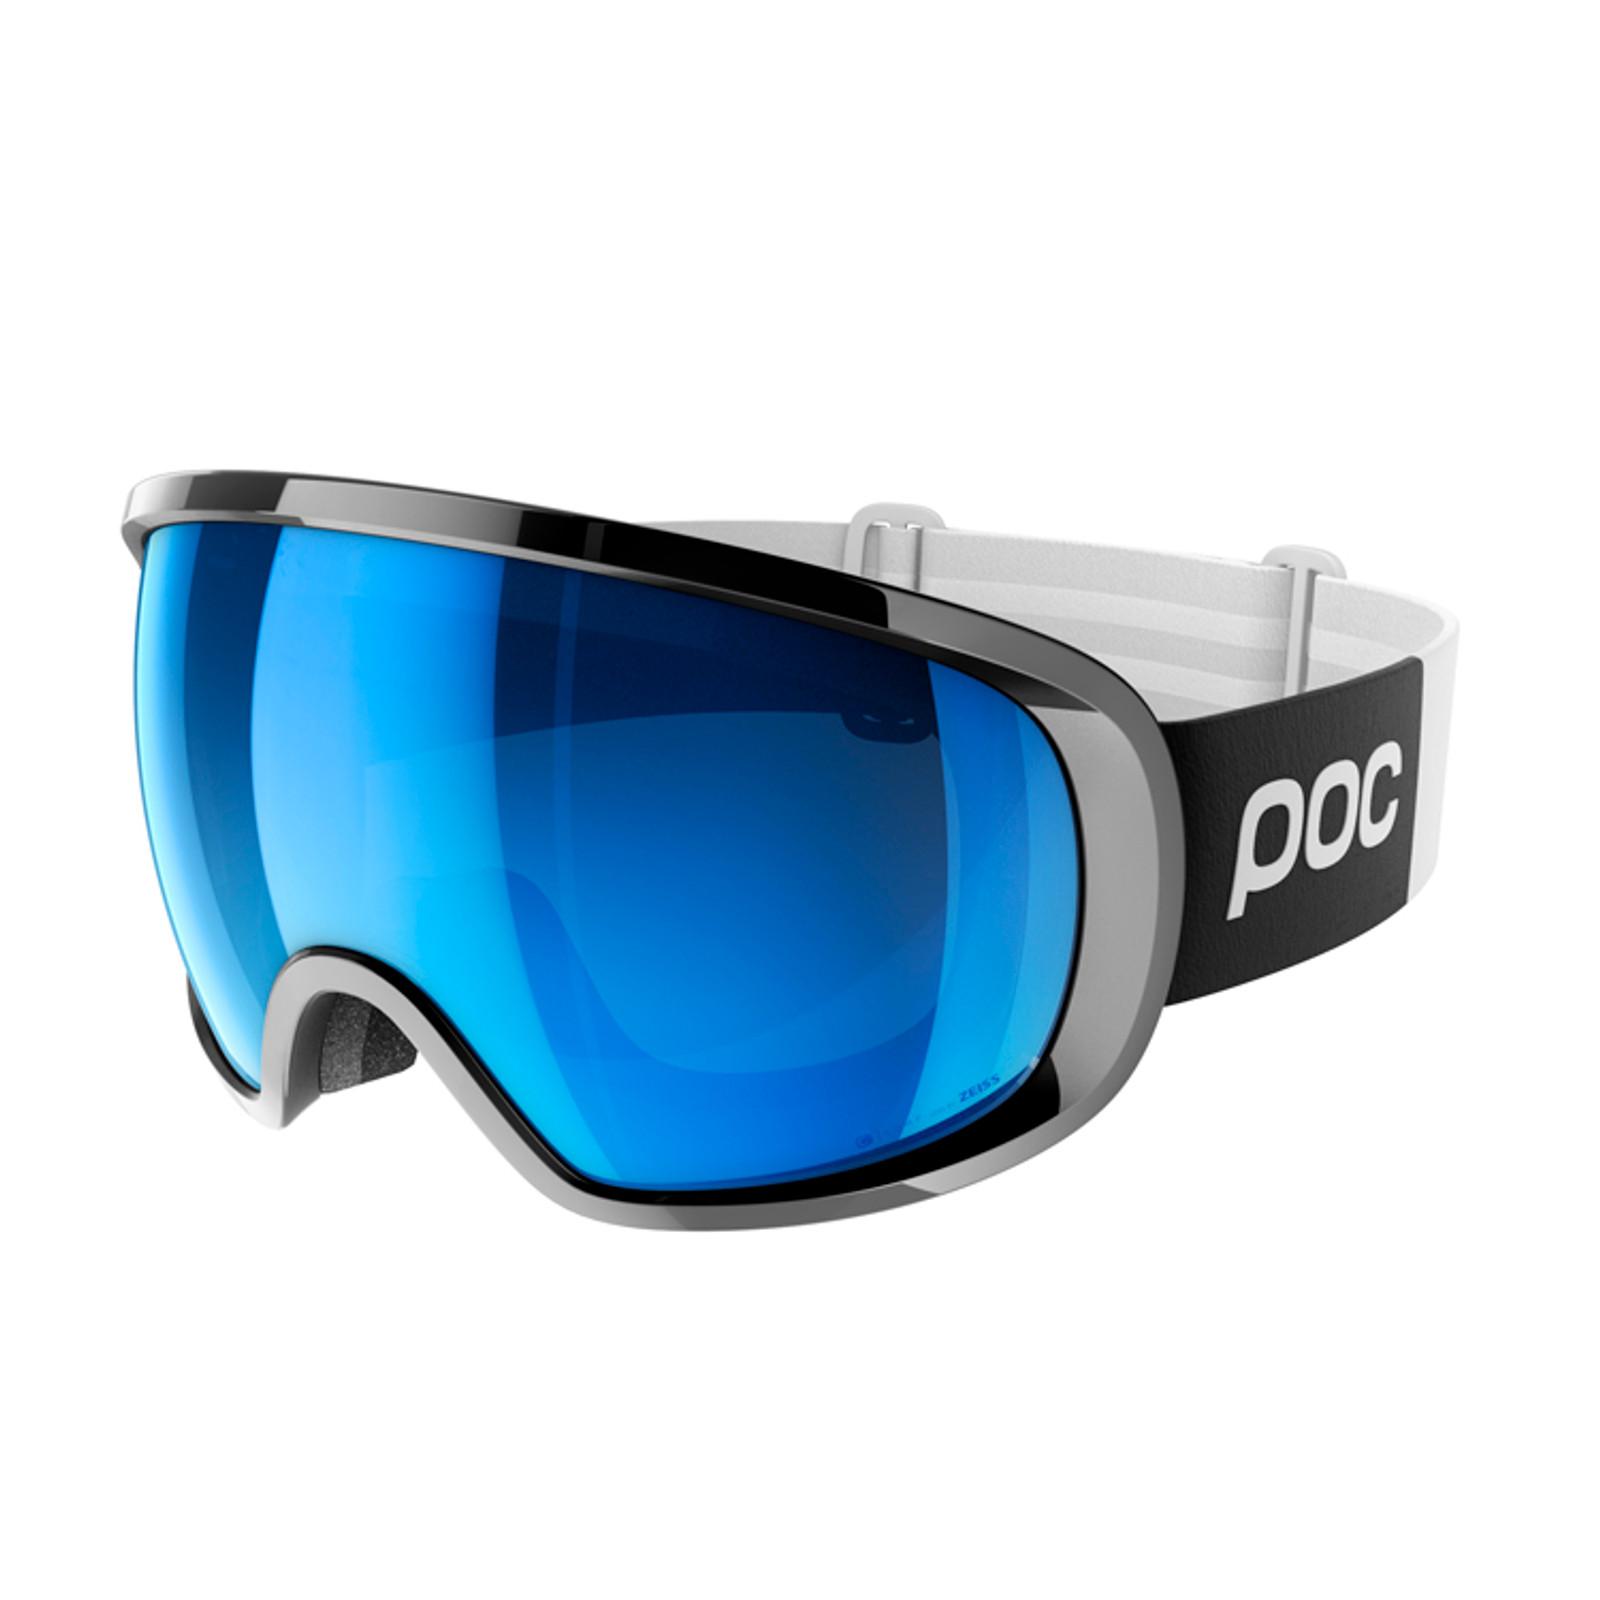 POC Fovea Clarity Comp Goggle